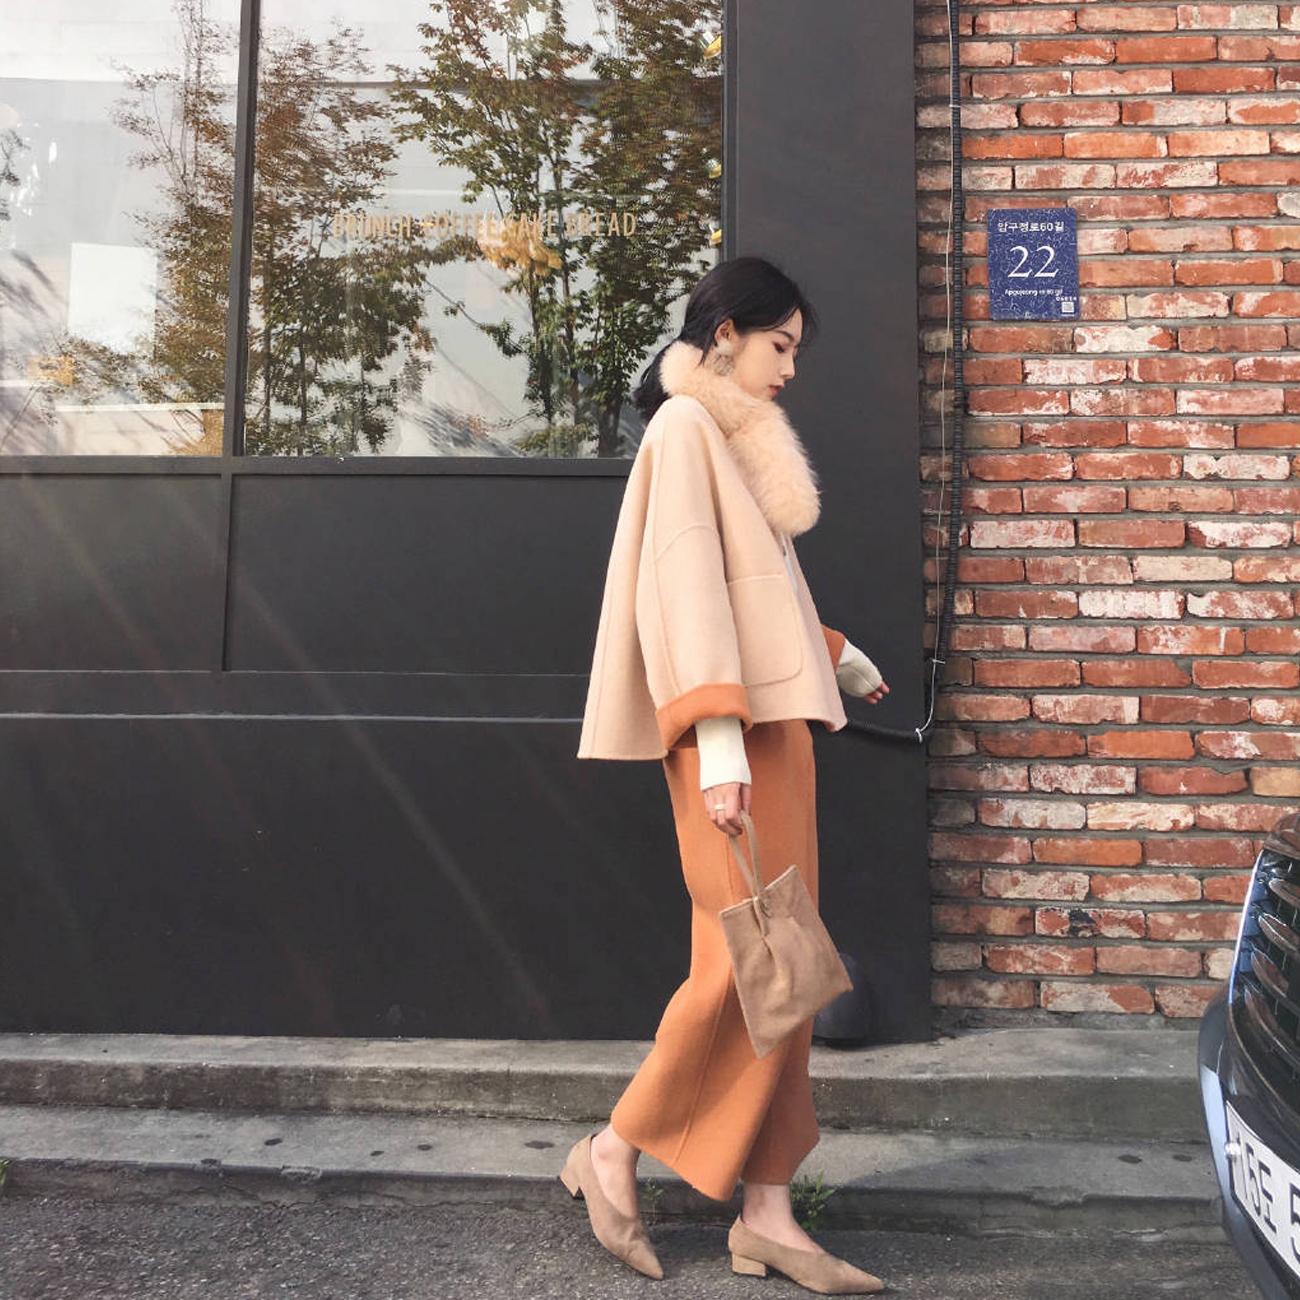 ◆ASM◆2018冬季新款气质短款毛呢外套休闲裤半身裙时尚套装女装